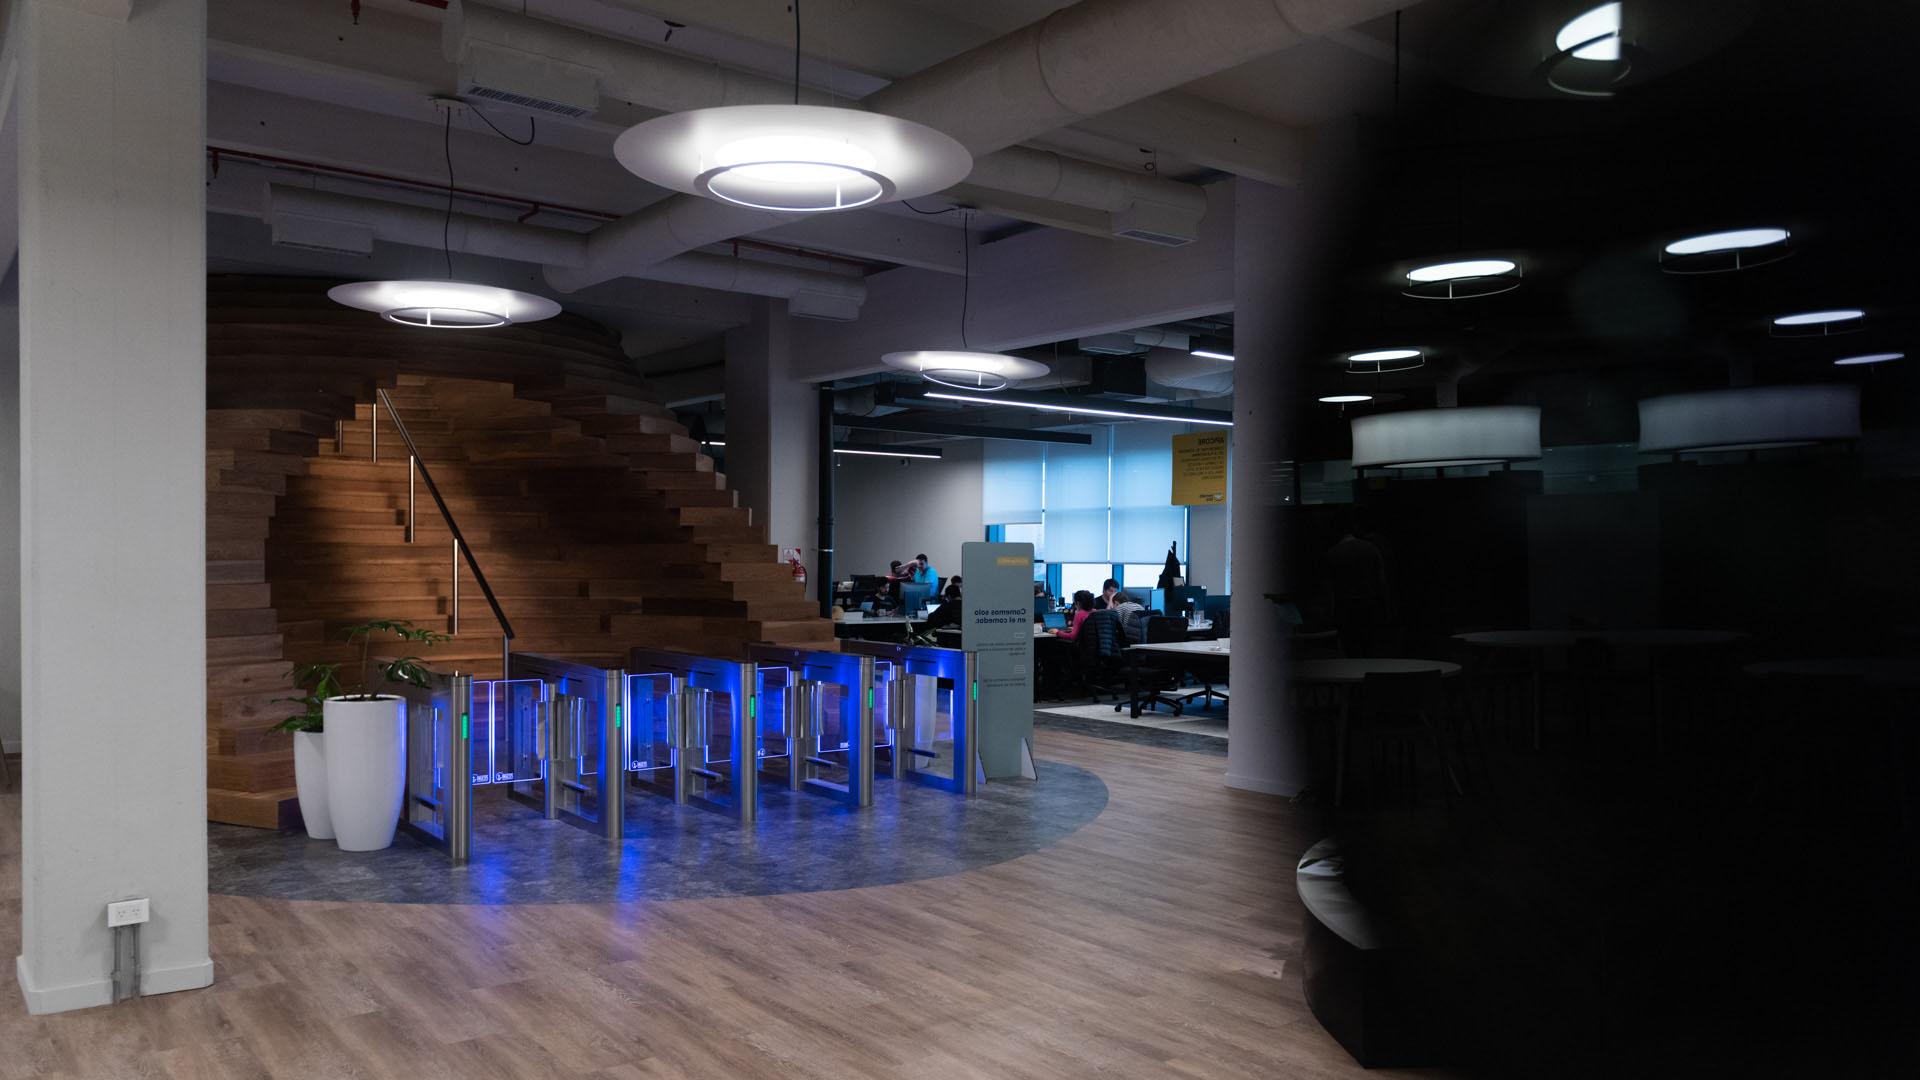 Según las arquitectas que pensaron el lugar, se buscó que quienes trabajan en la empresa se puedan ir apropiando de los espacios